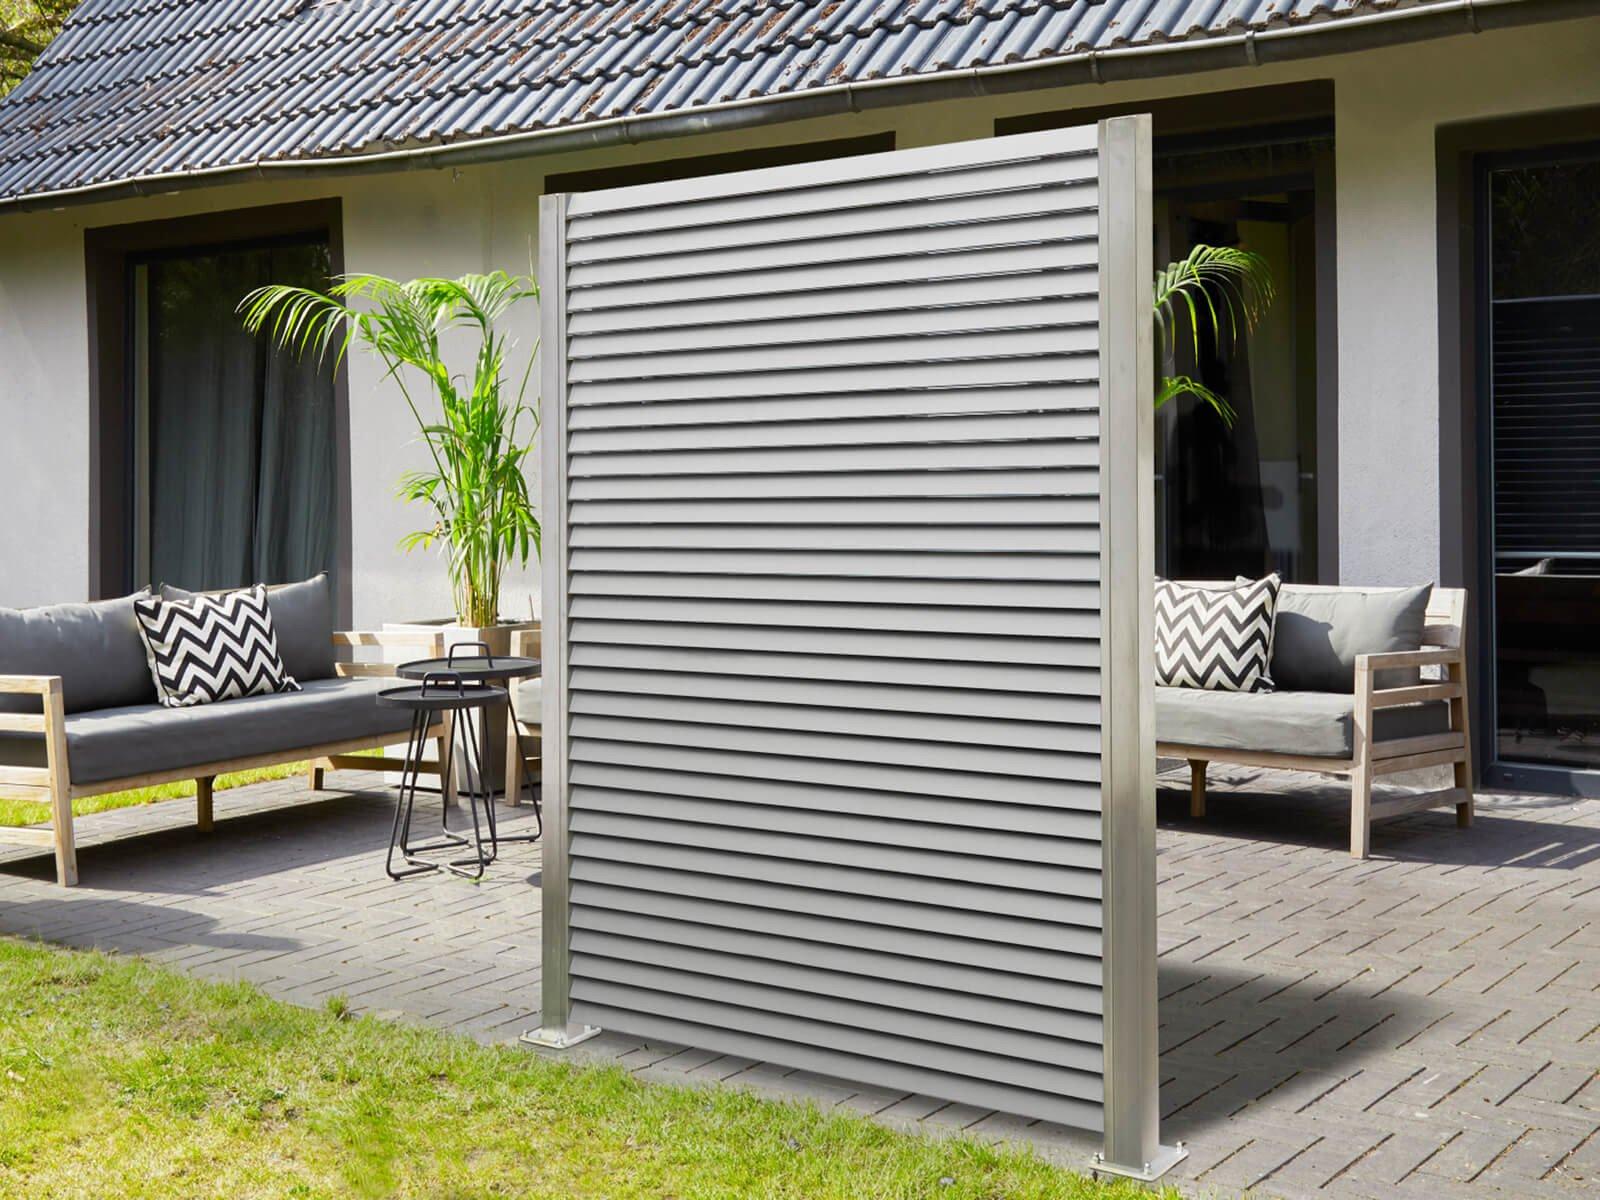 Lamellenzaun in Edelstahloptik für Garten und Terrasse nach Maß erhältlich in individuellen Ausführungen und Pulverbeschichtungen